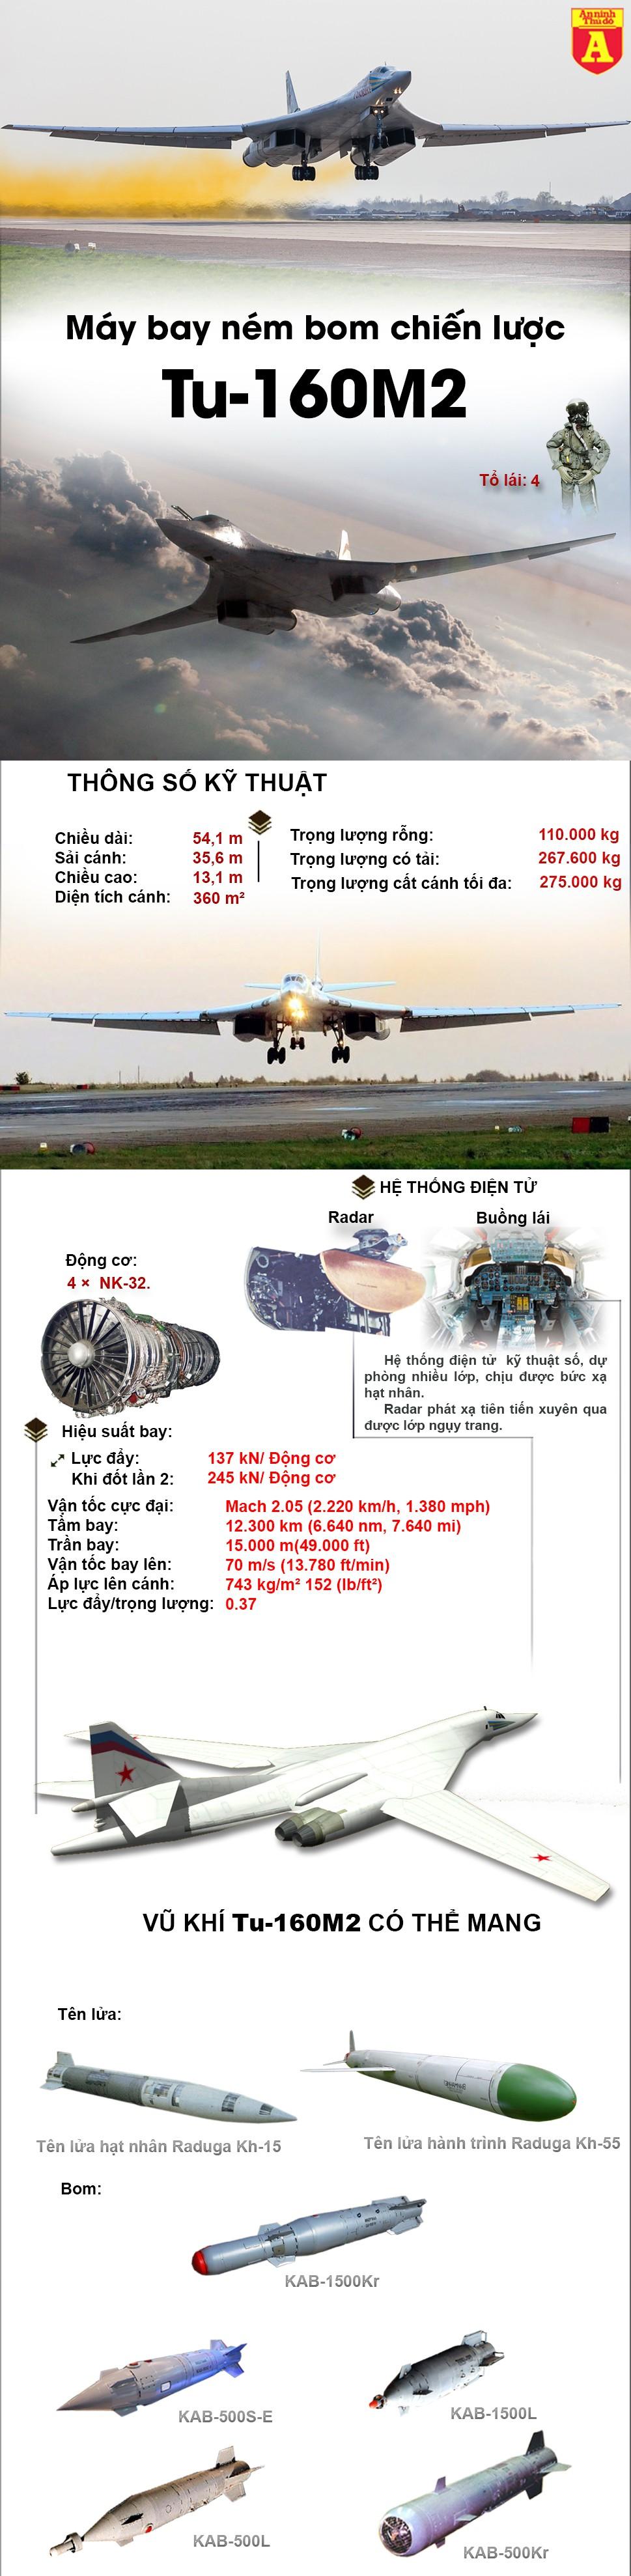 [Infographic] 'Oanh tạc cơ' răn đe hạt nhân 'mạnh chưa từng có' của Nga dữ dội cỡ nào? ảnh 2